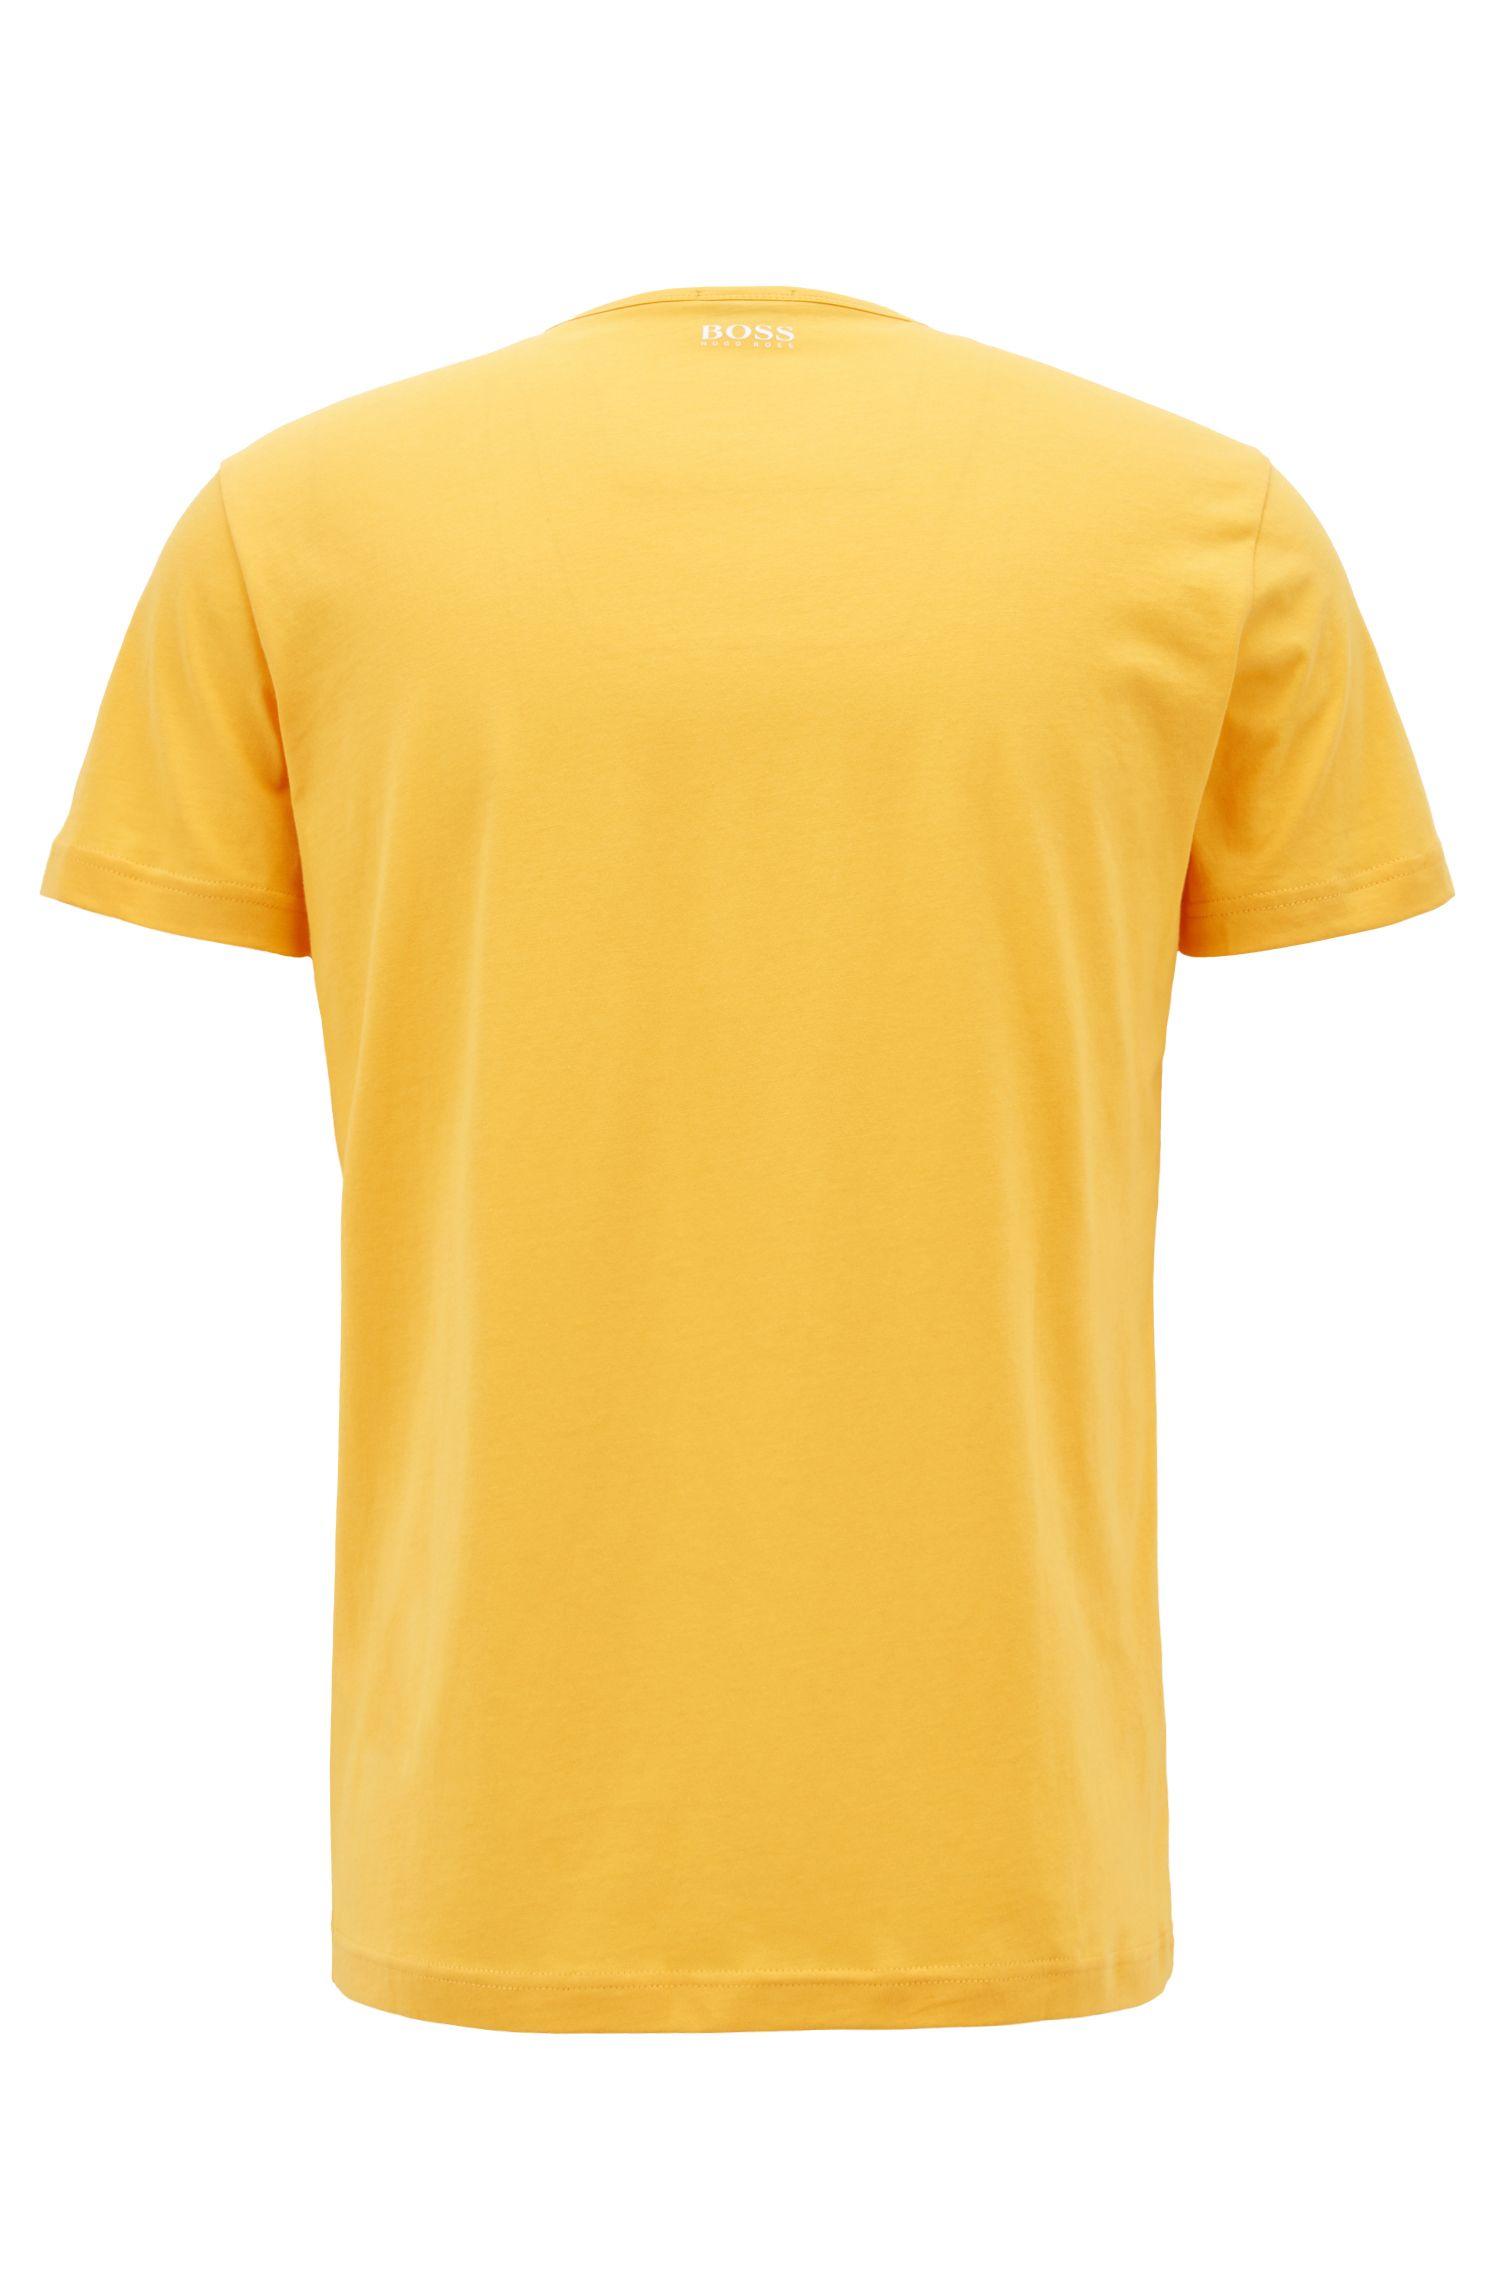 Camiseta de manga corta en algodón con diseño del logo estampado, Amarillo claro